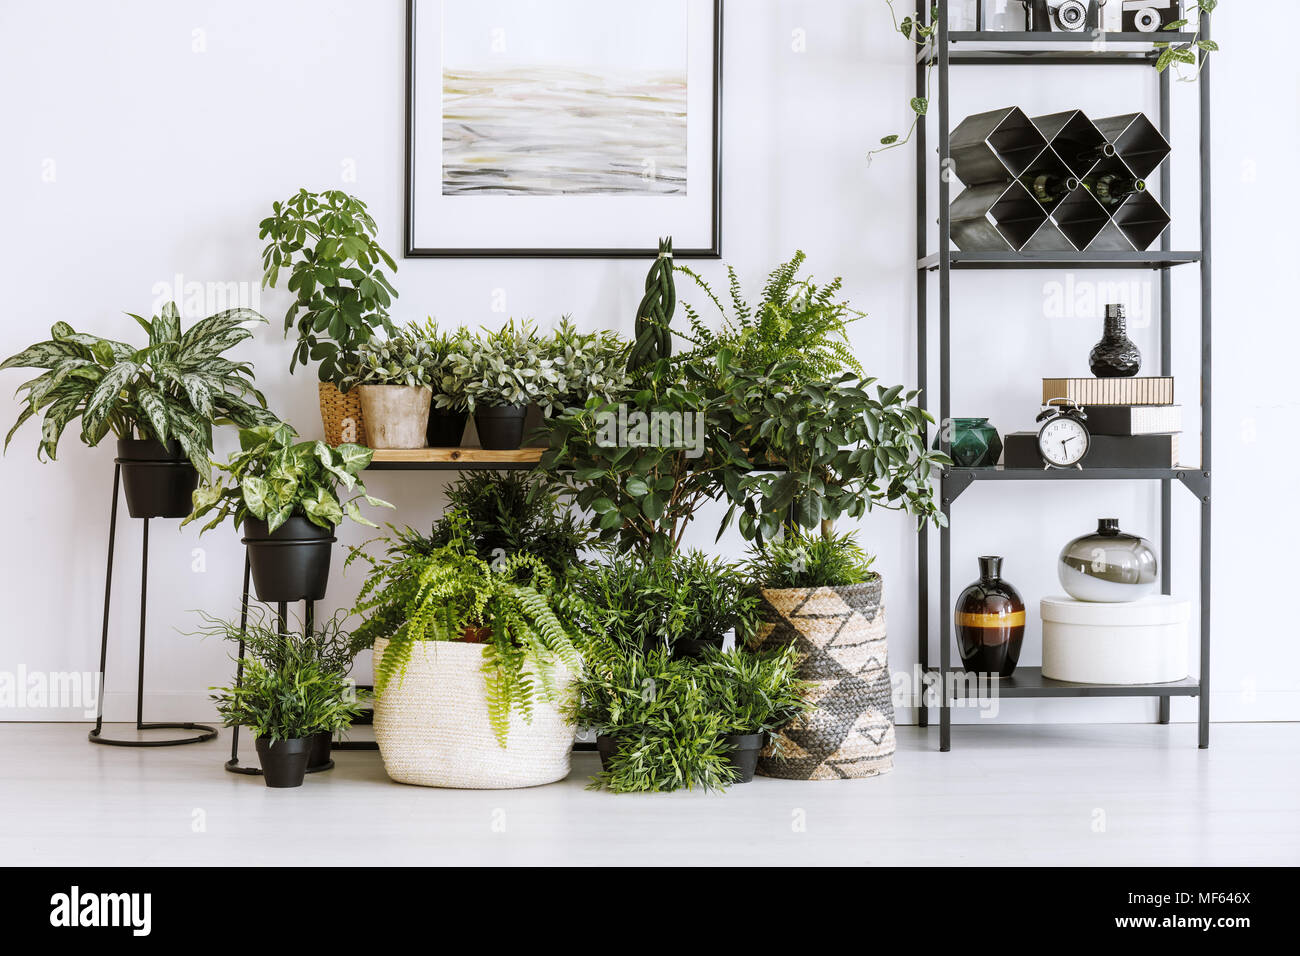 Etagere Pour Plantes Interieures jardinage et design photos & jardinage et design images - alamy